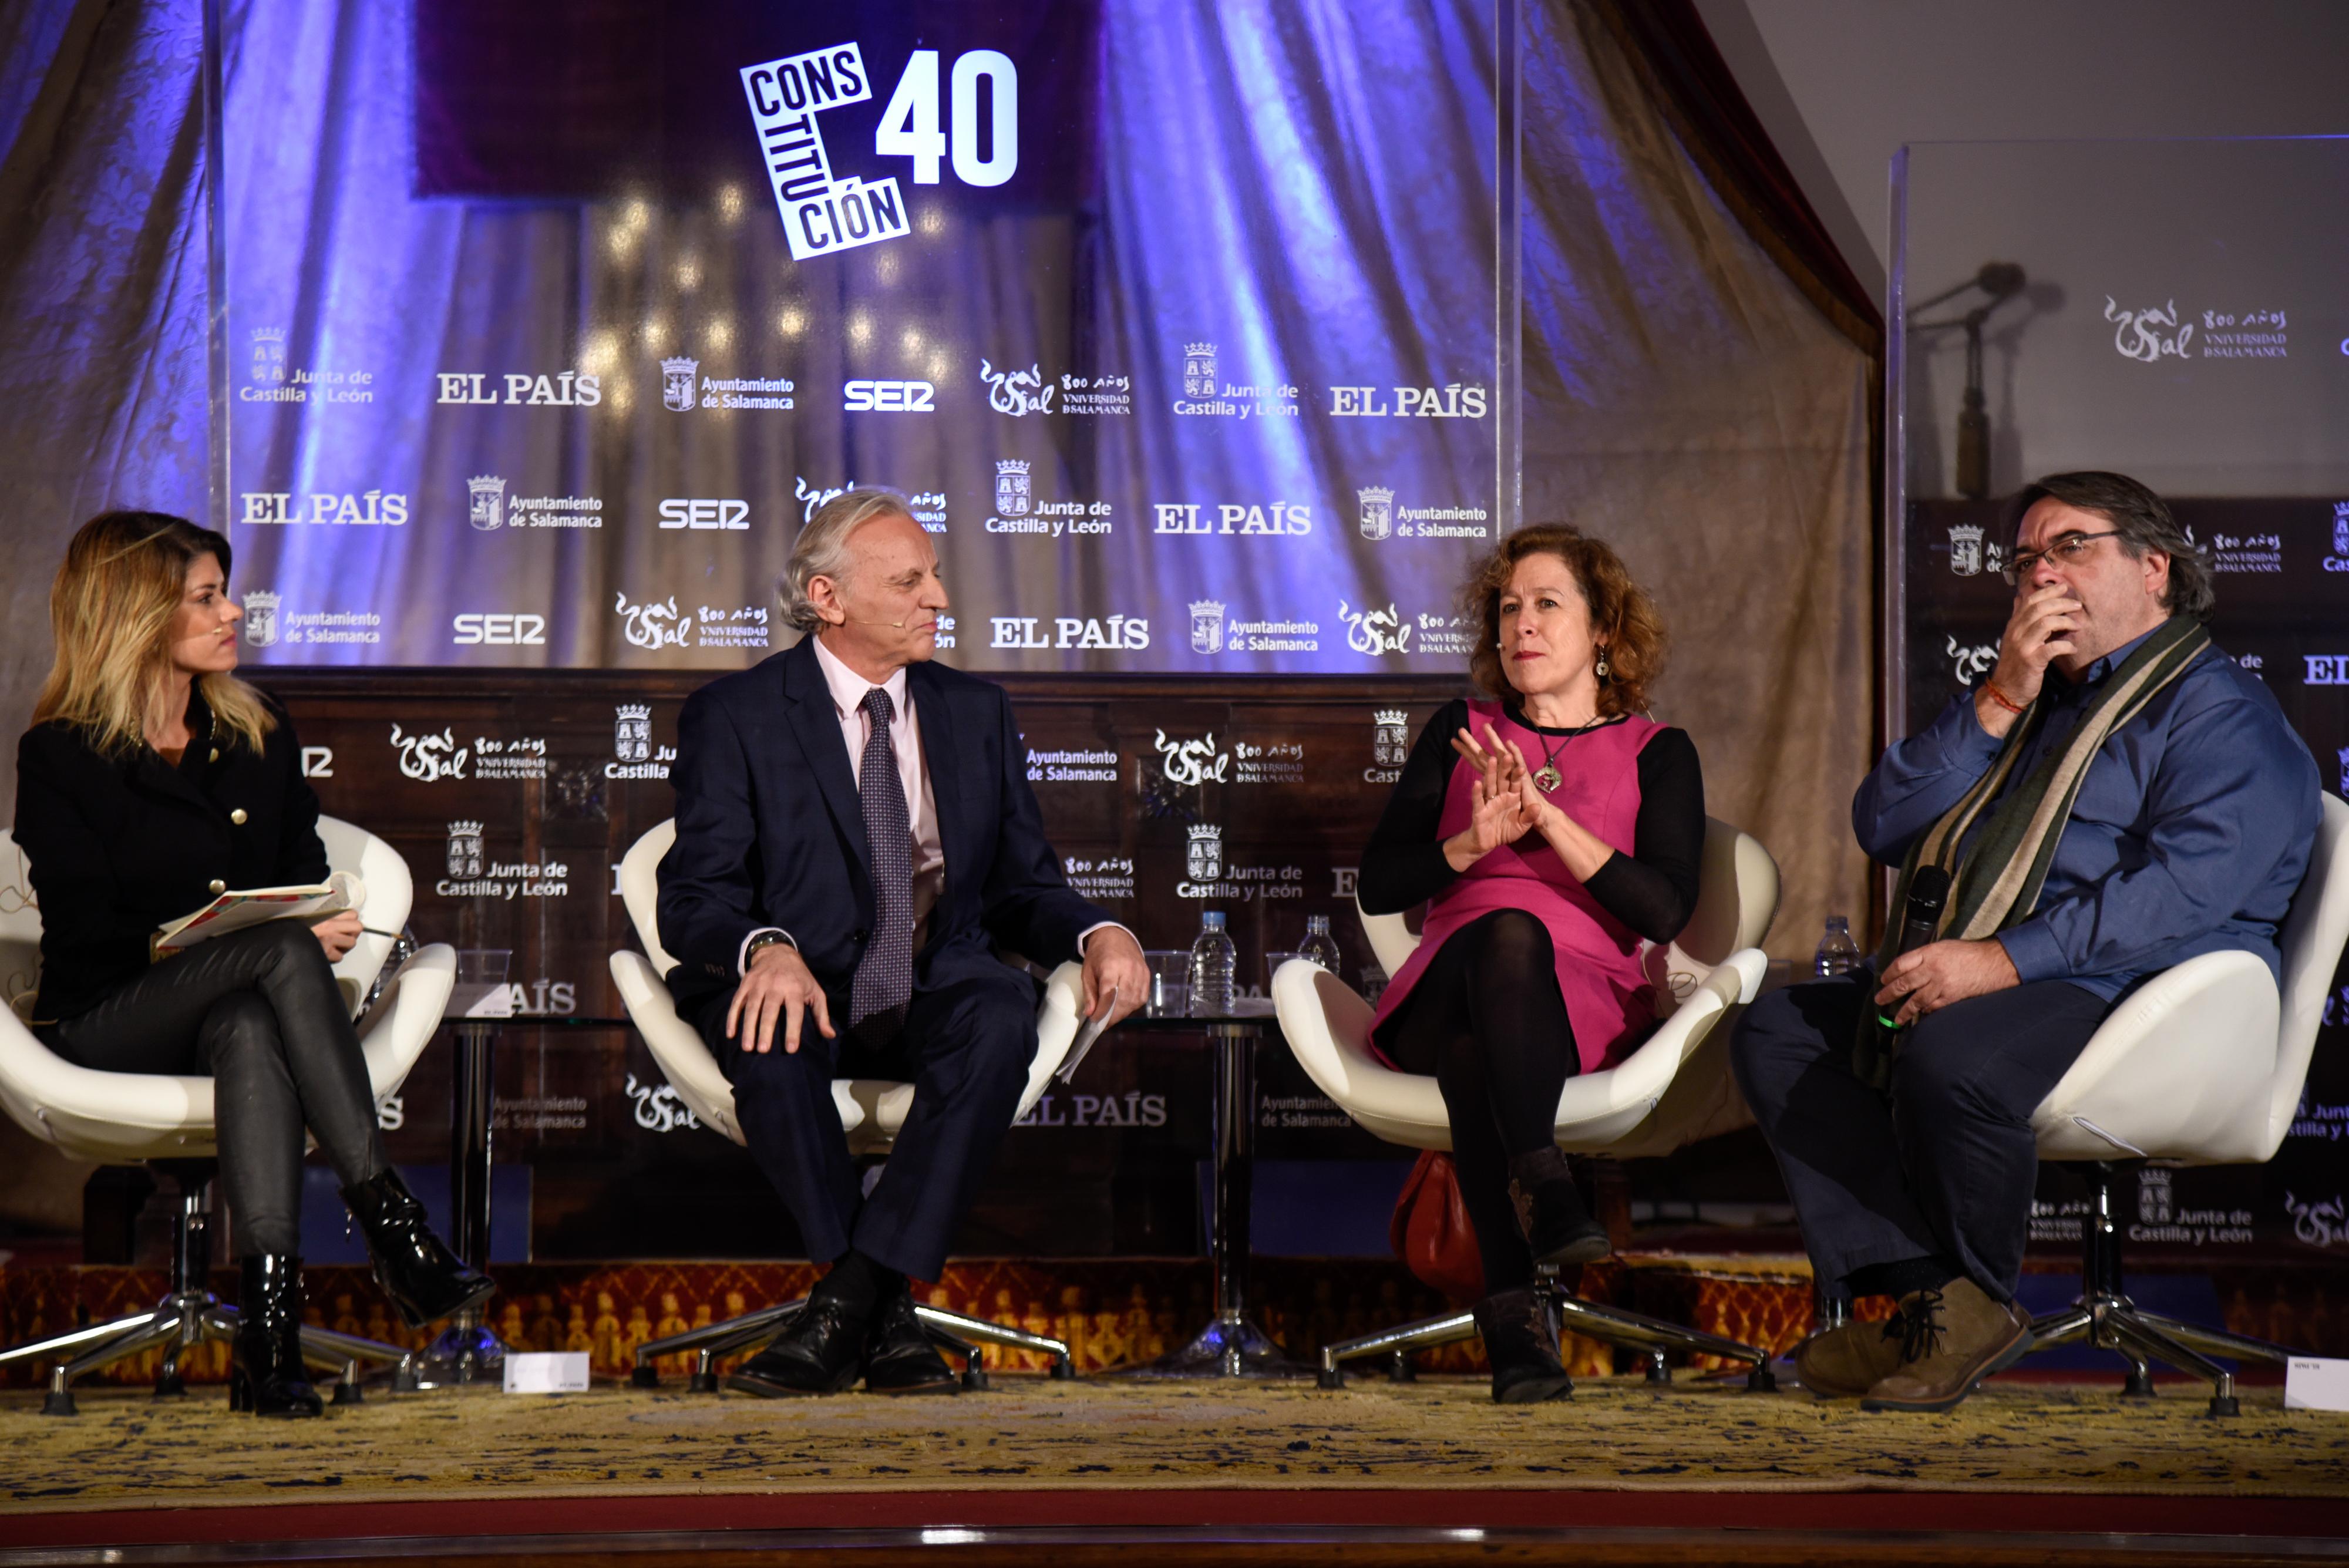 La Universidad de Salamanca acoge el debate sobre la Constitución coincidiendo con su 40 aniversario